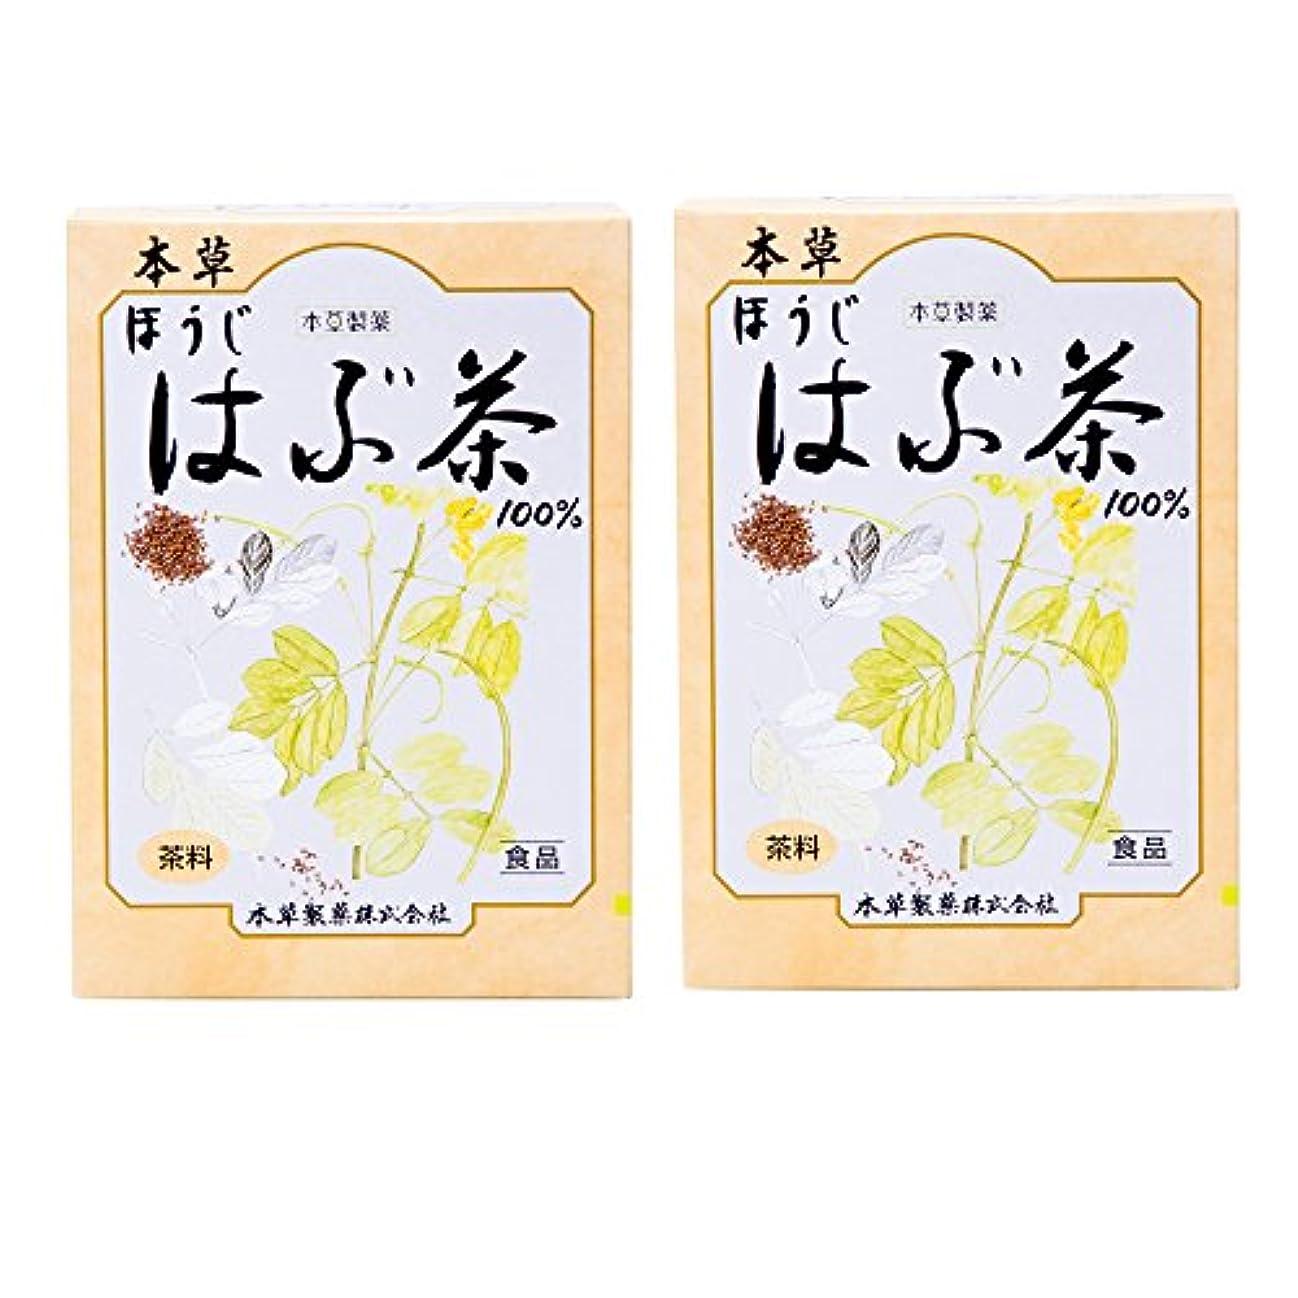 苦難シネマ北東本草製薬 ほうじはぶ茶 2個セット